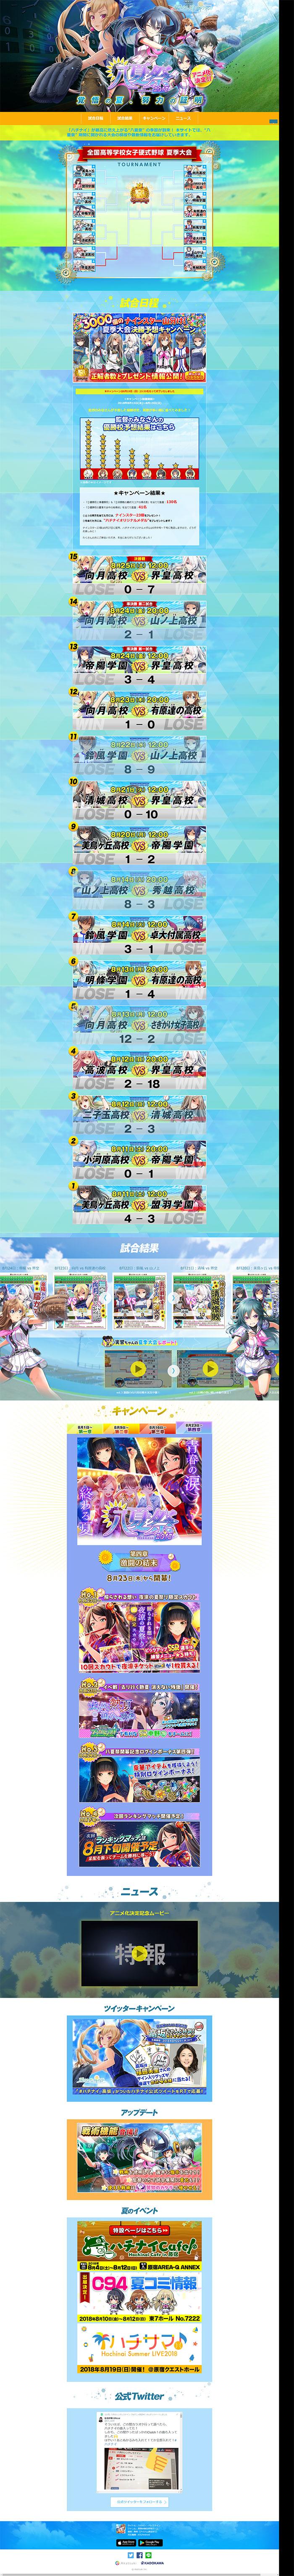 八月のシンデレラナイン(ハチナイ)八夏祭2018特設サイト